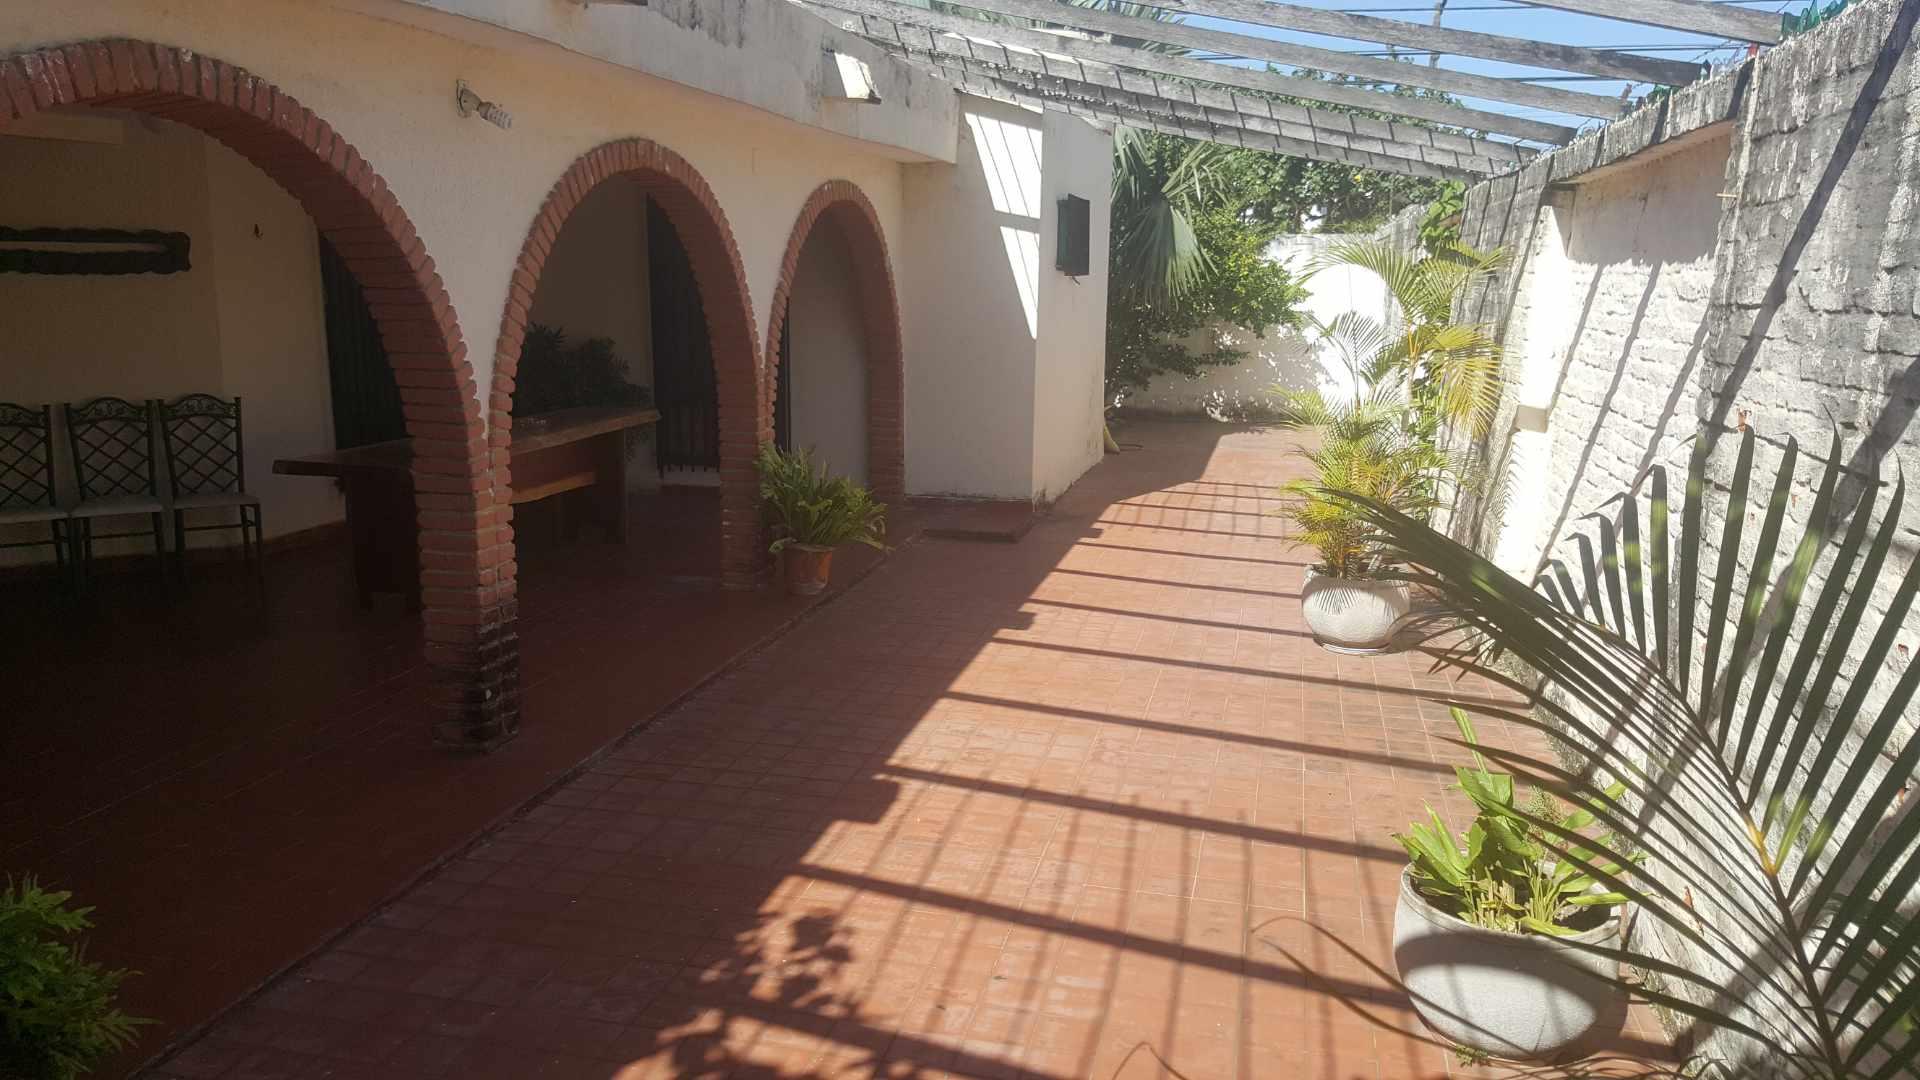 Casa en Venta BARRIO POLANCO, RADIAL 10/CALLE JUAN BLANCO. ENTRE 3er y 4to ANILLO Foto 17